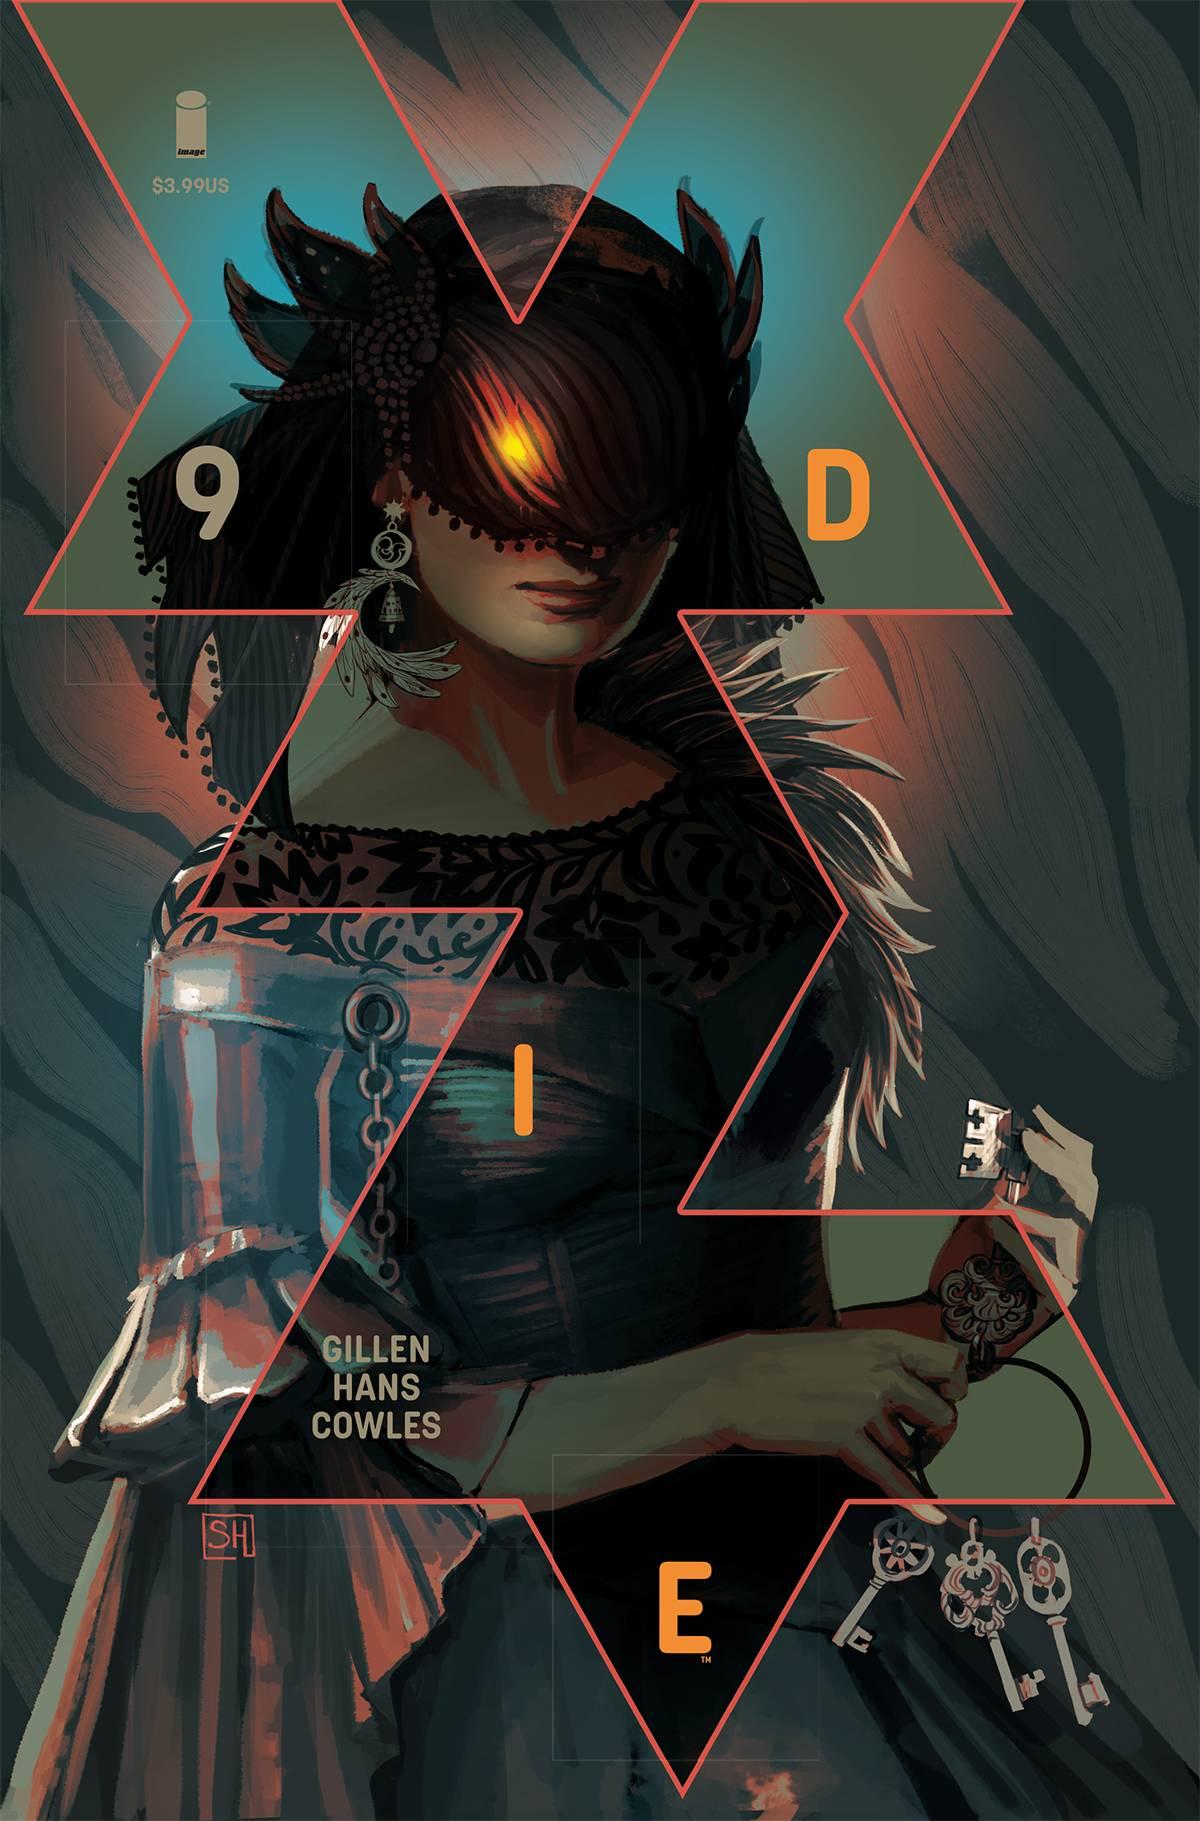 Die #9 (2019)